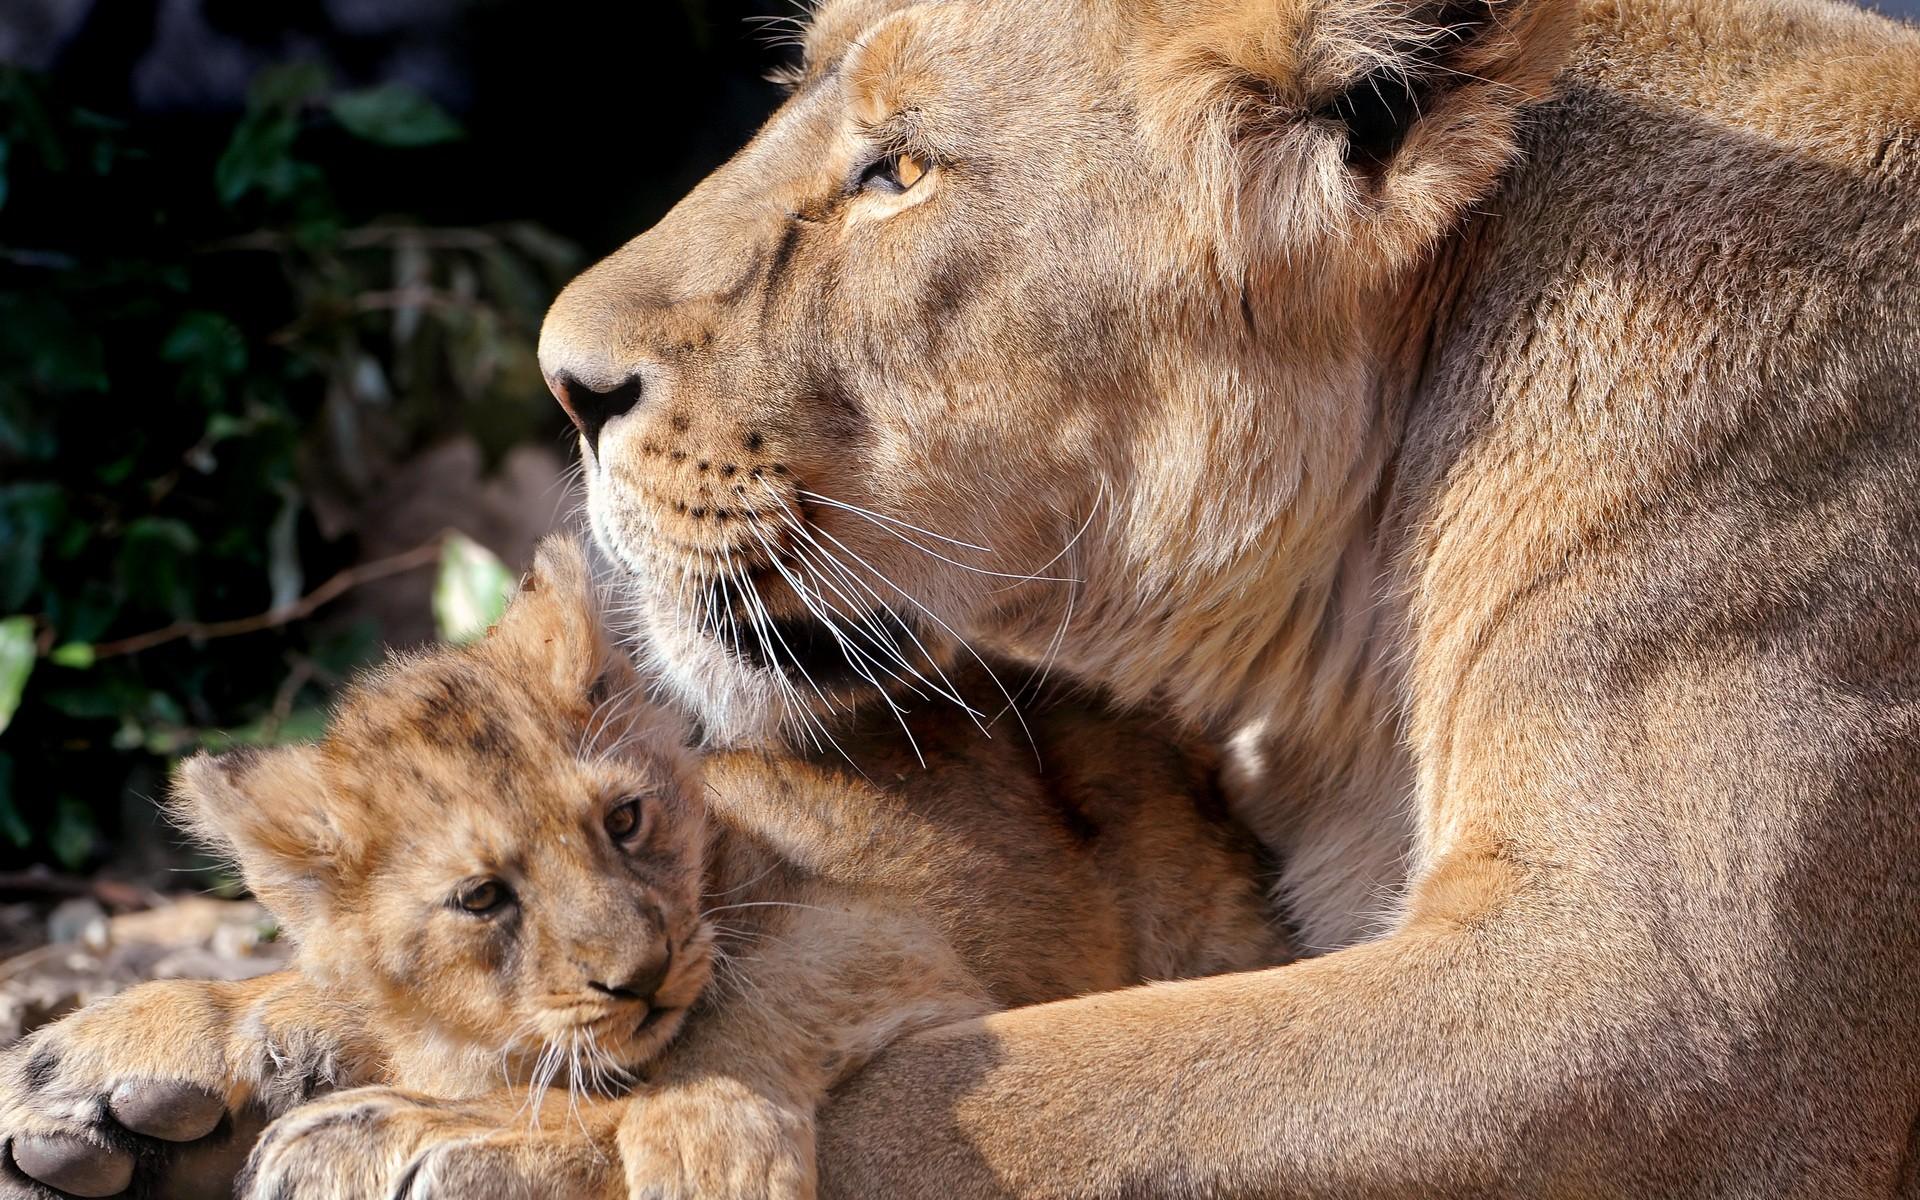 львица и маленький львенок, скачать фото